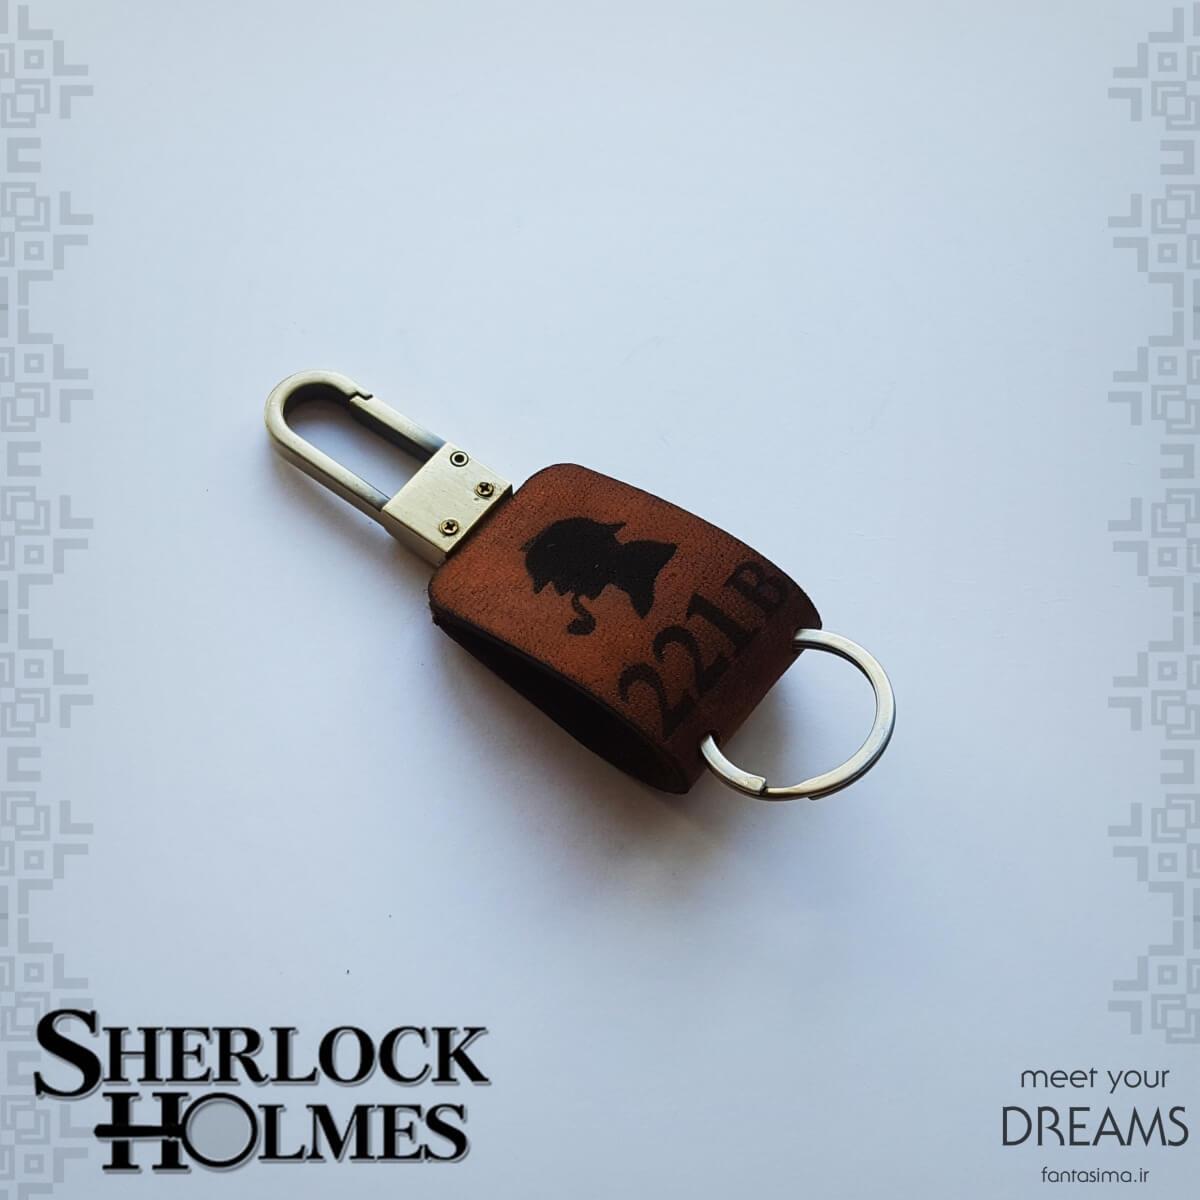 فانتزیآرت جاکلیدی چرمی شرلوک - کلاسیک